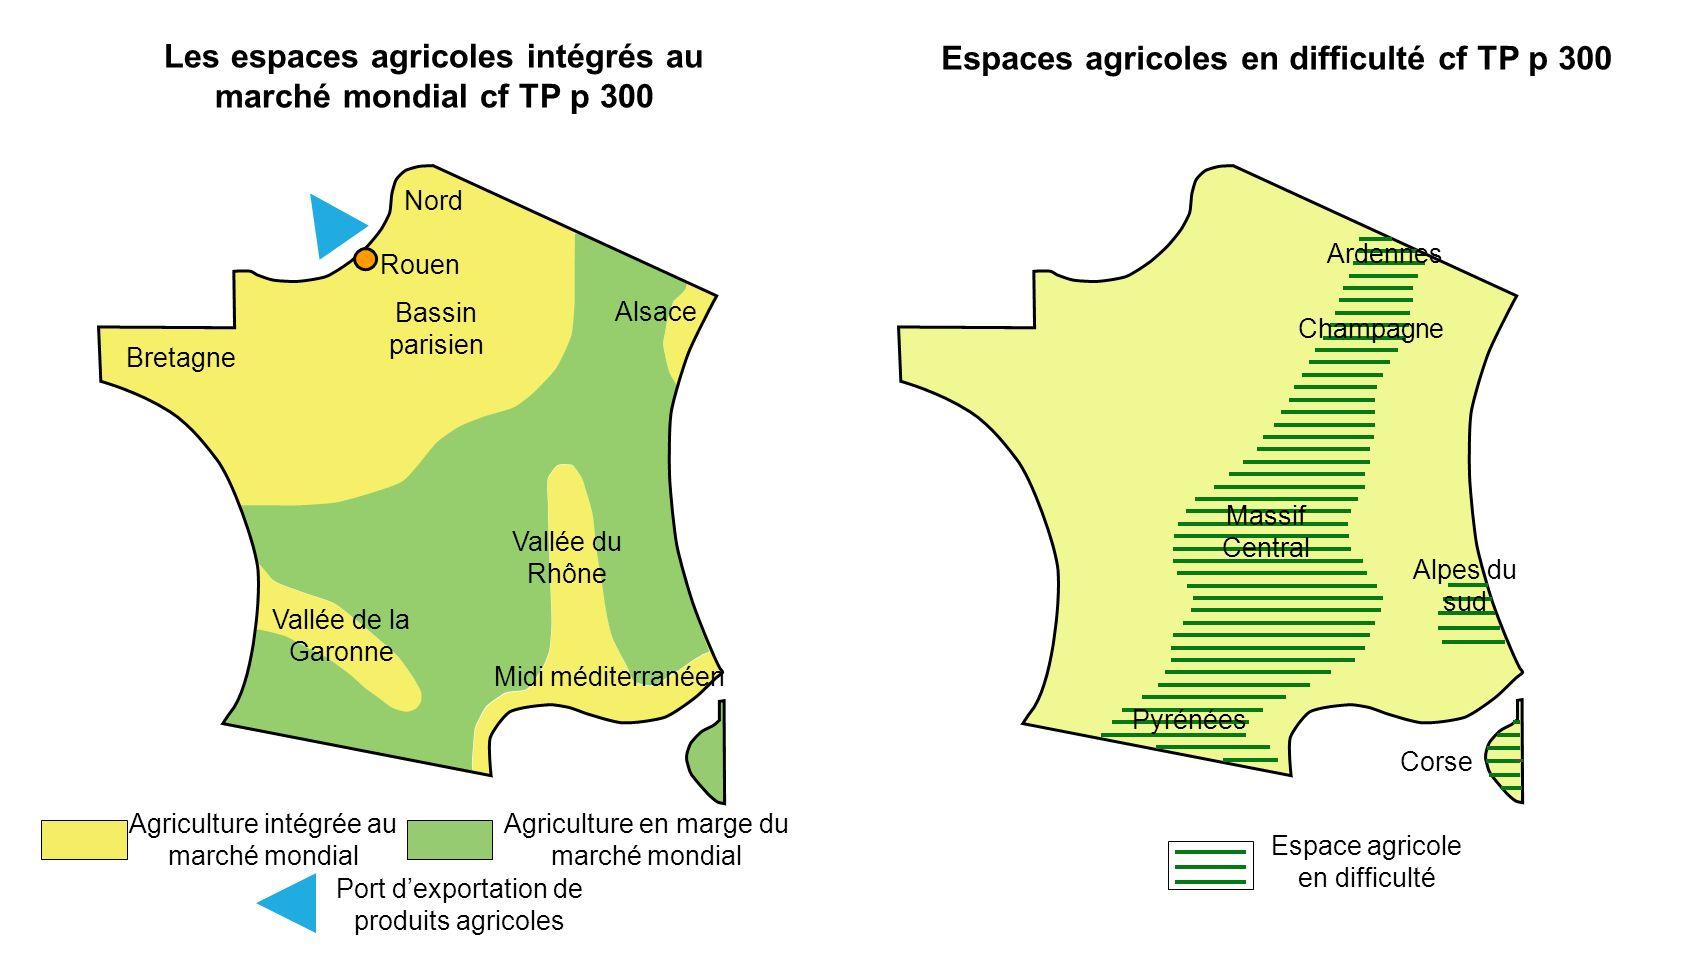 Nord Bassin parisien Bretagne Alsace Vallée du Rhône Midi méditerranéen Vallée de la Garonne Rouen Agriculture intégrée au marché mondial Agriculture